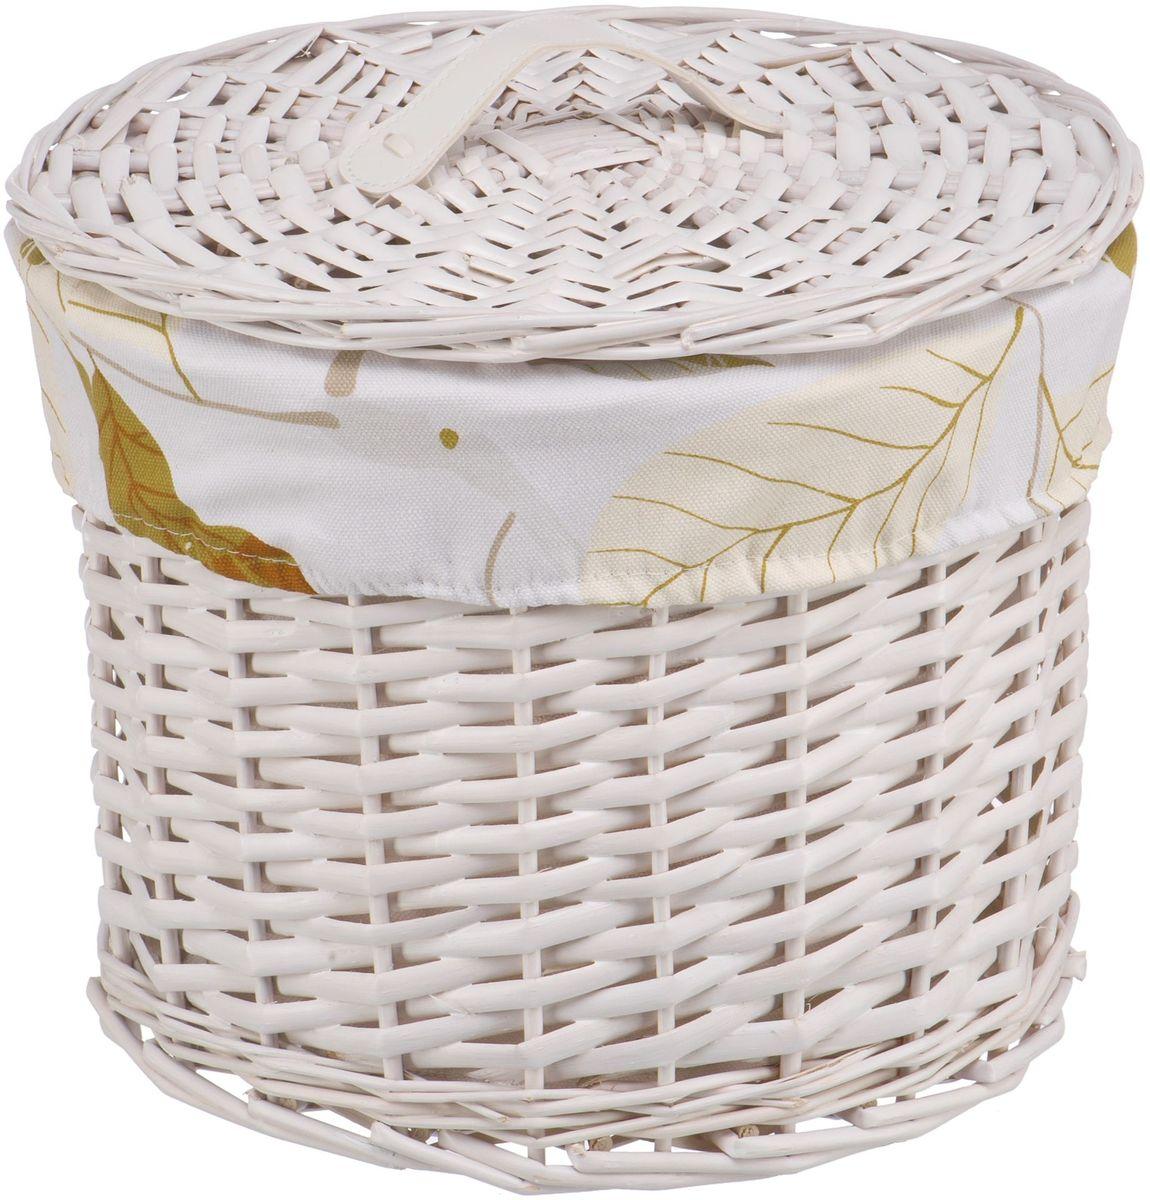 Корзина для белья Natural House Листья, цвет: белый, 23 х 23 х 18 смEW-42 SБельевая корзина Natural House из лозы ивы не только удобна, практична, но и прекрасно выглядит. Высокое качество и натуральные материалы гармонично сочетаются и создают в доме уют и теплое настроение.В комплекте с корзиной идет съемный чехол, который легко снимается и стирается.